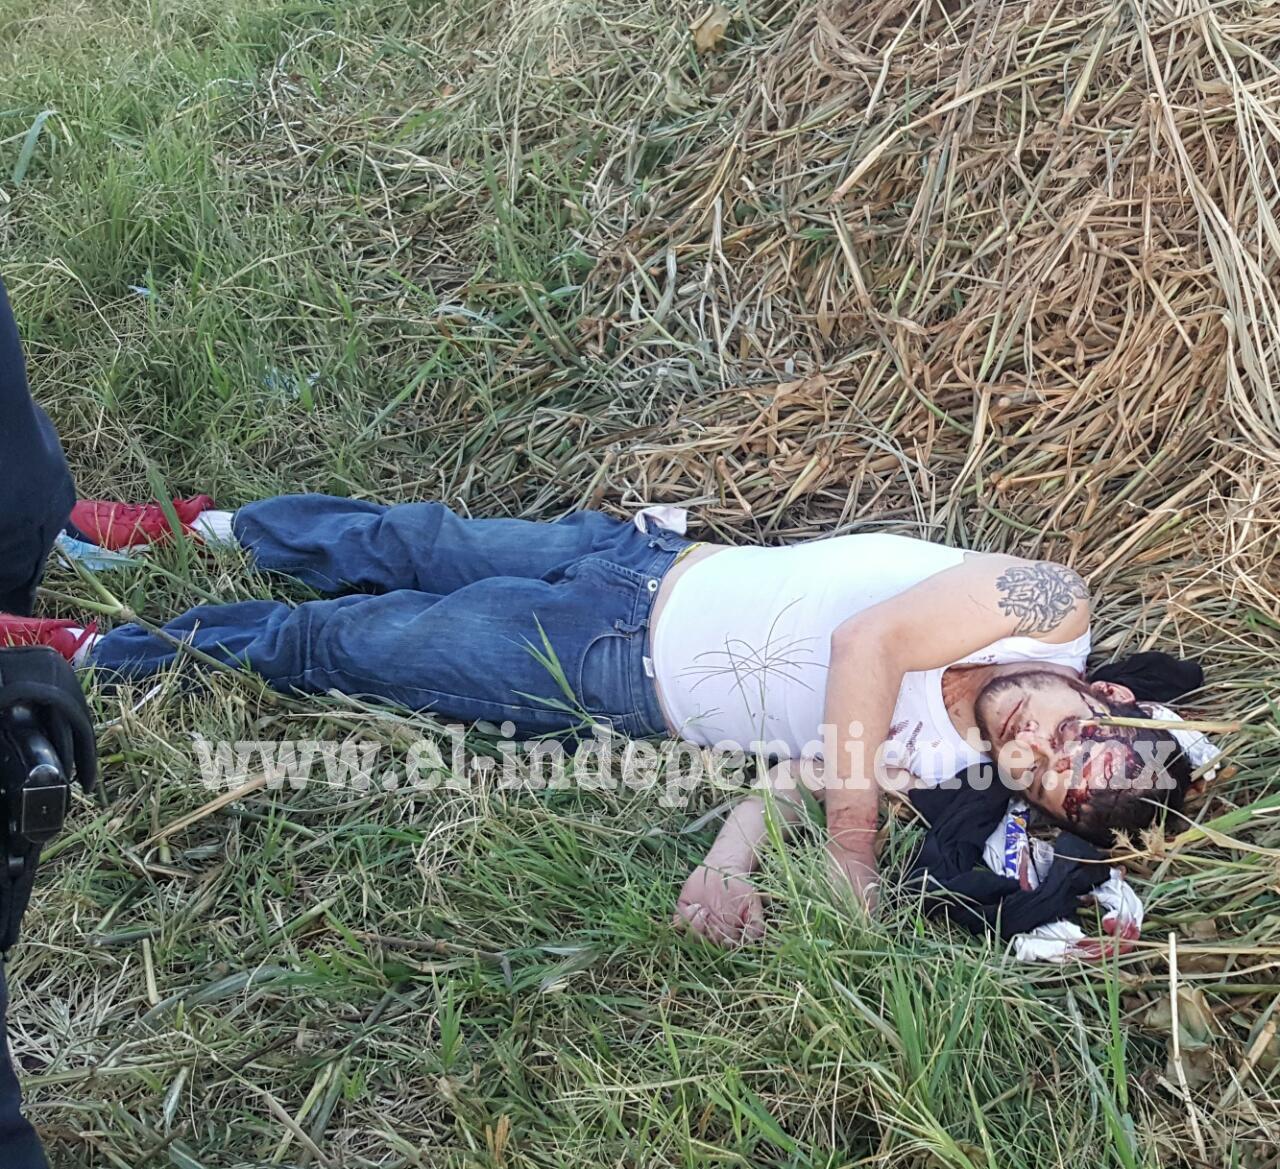 Maniatado y con visibles huellas de violencia encuentran a un joven cerca de canal de riego de Zamora